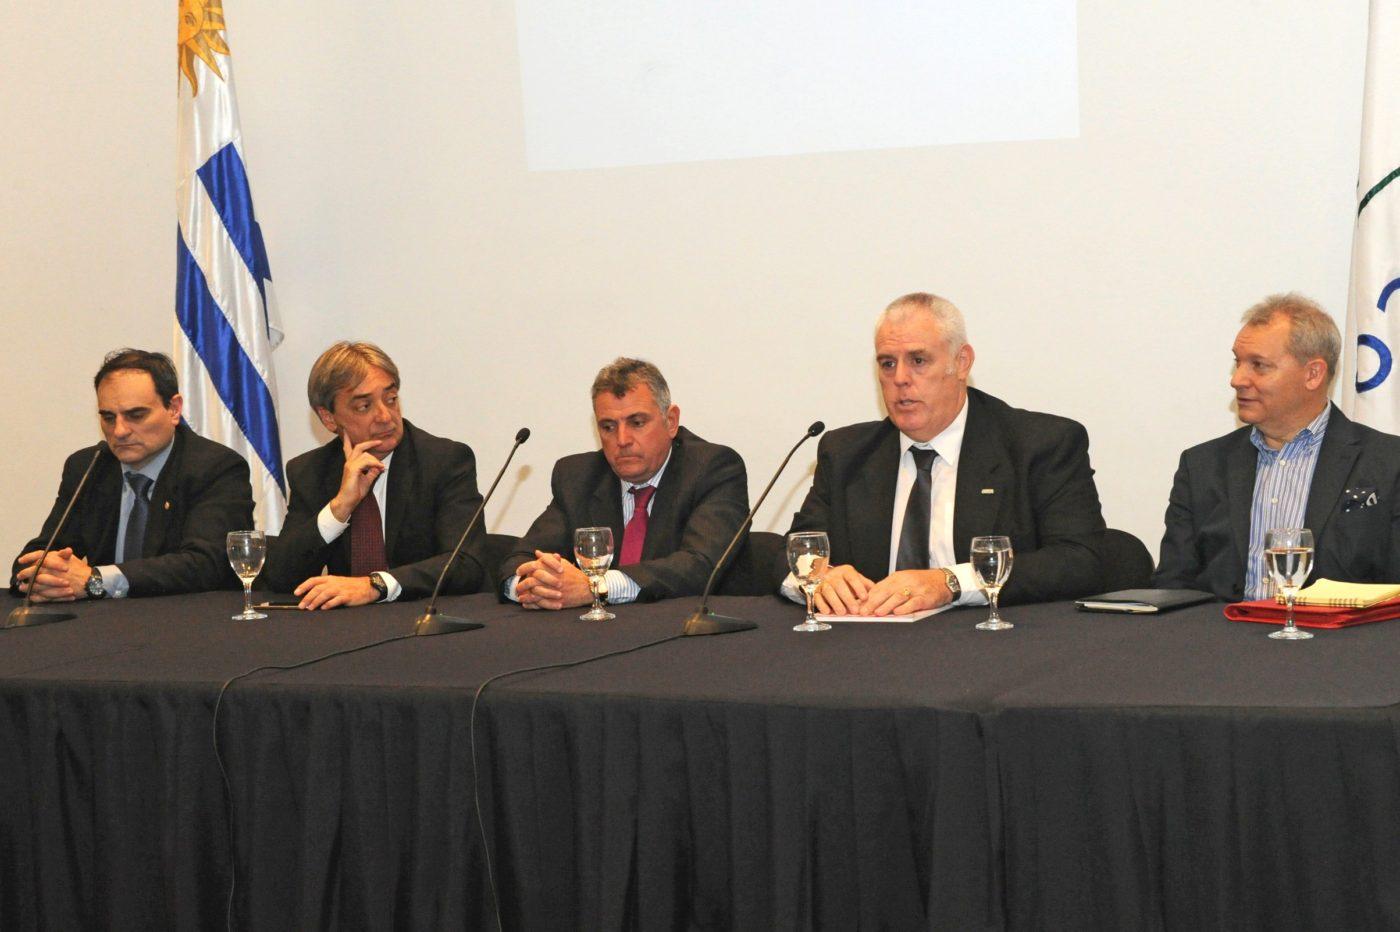 Se dictó Conferencia de prensa sobre seguridad en el deporte